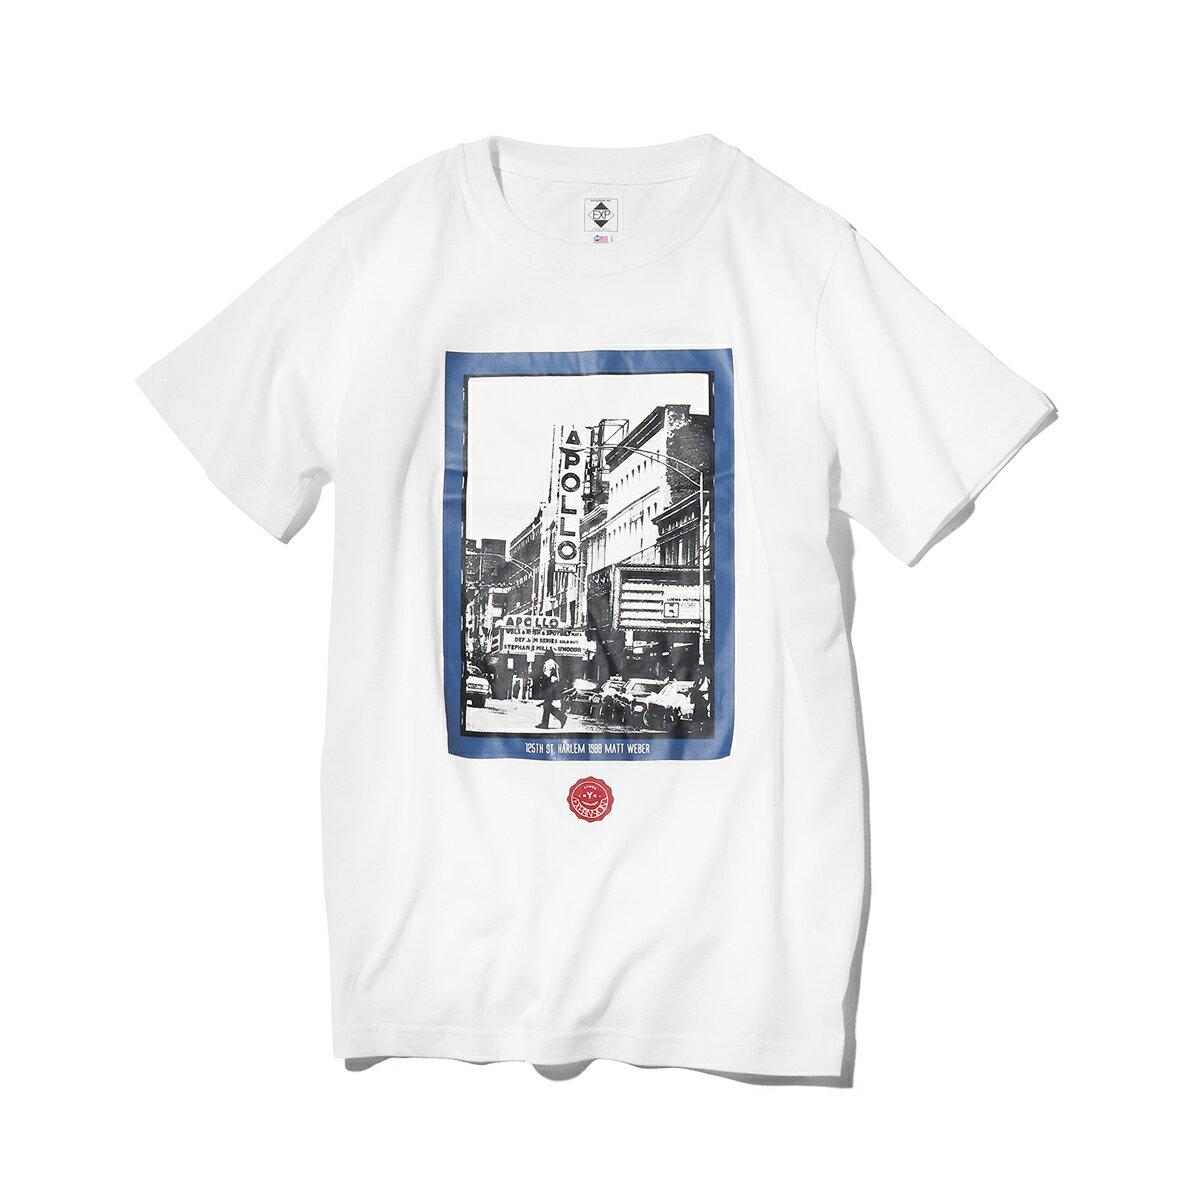 トップス, Tシャツ・カットソー EXPANSION x ATMOS LAB HARLEM APOLLO TEE ( ) WHITE T18SS-S